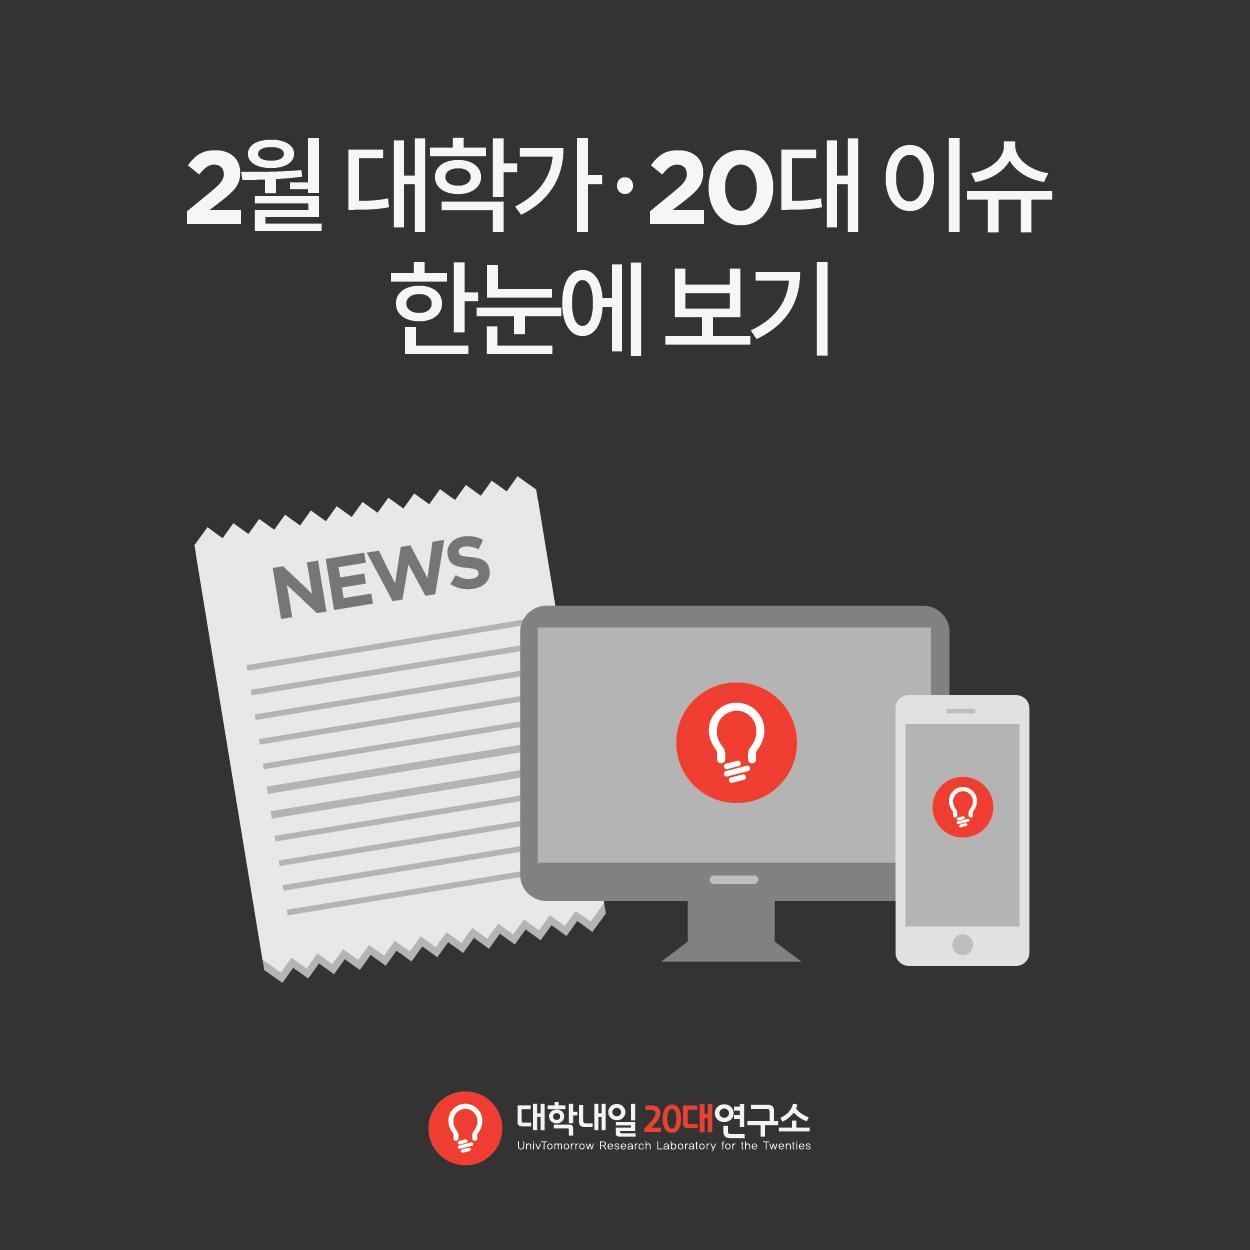 20대뉴스-2월-01